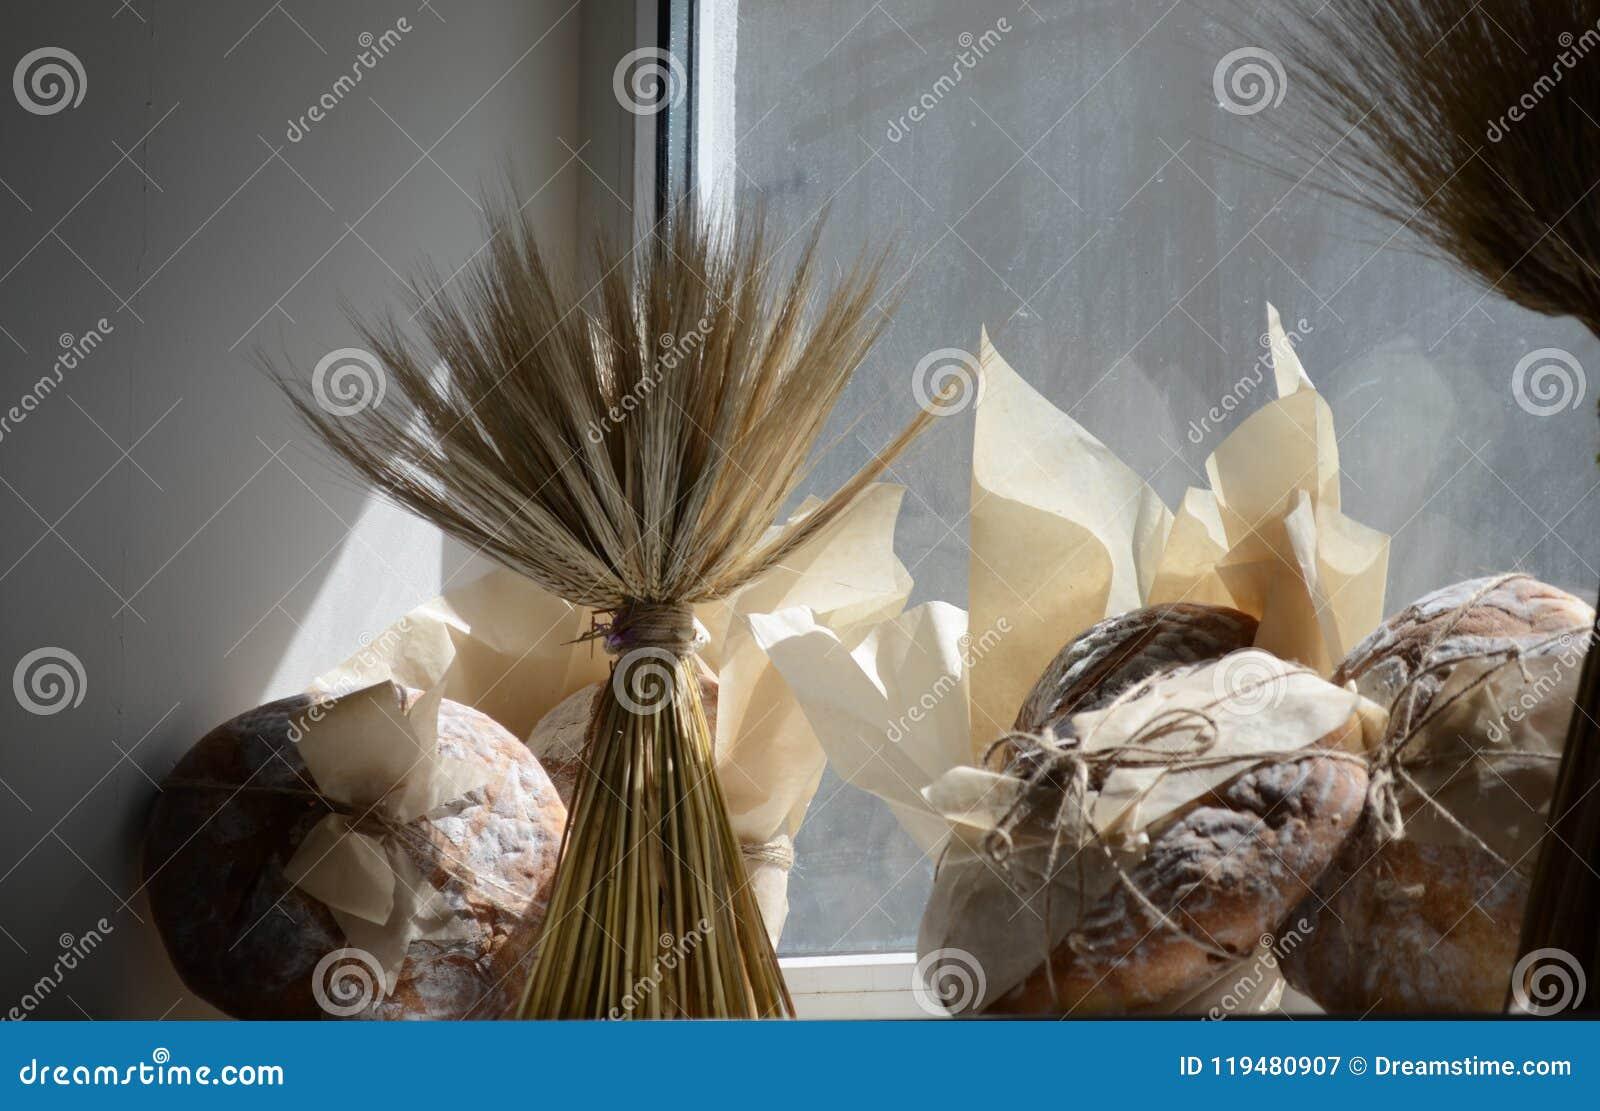 Φρέσκο ψωμί στο αρτοποιείο στα ξημερώματα